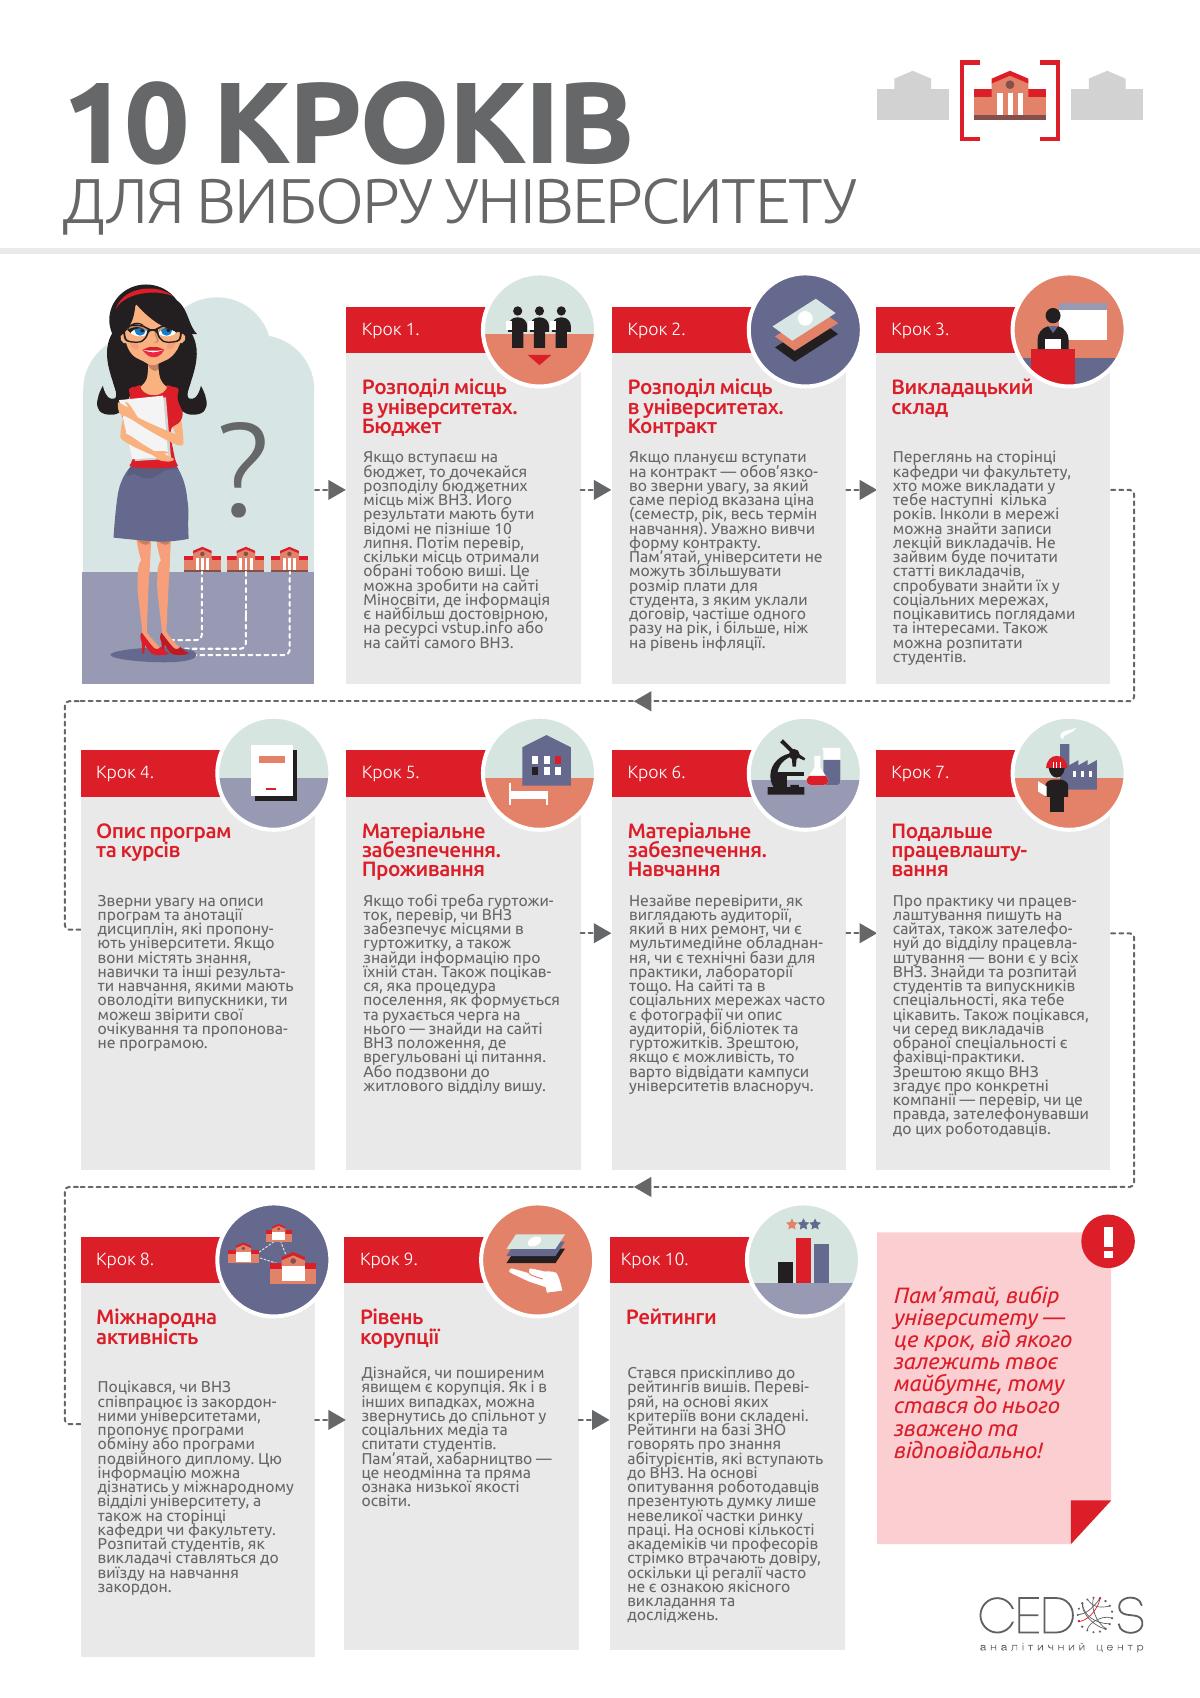 10 кроків вибору ВНЗ - Збільшити